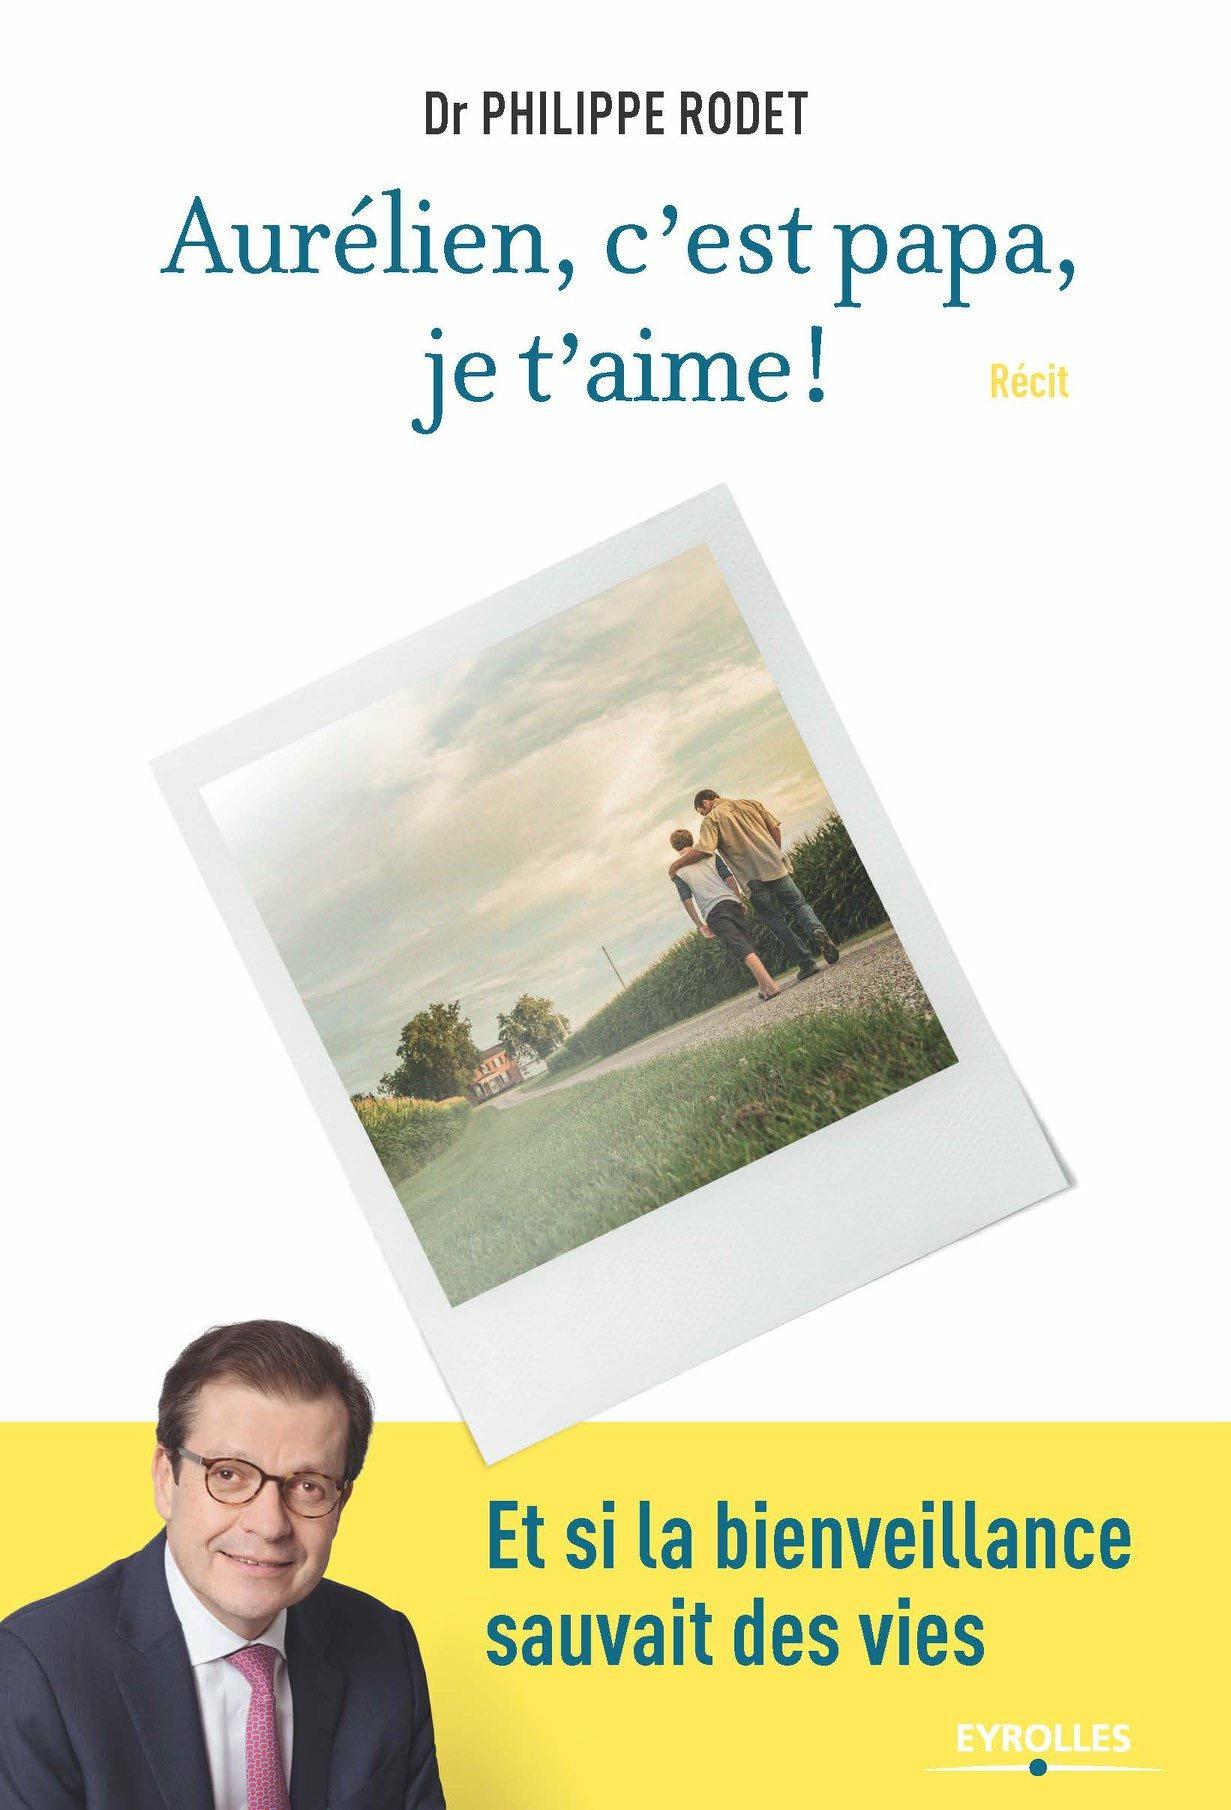 Aurélien, c'est papa, je t'aime ! Nouveau roman à retrouver dans toutes les librairies le 3 mai prochain